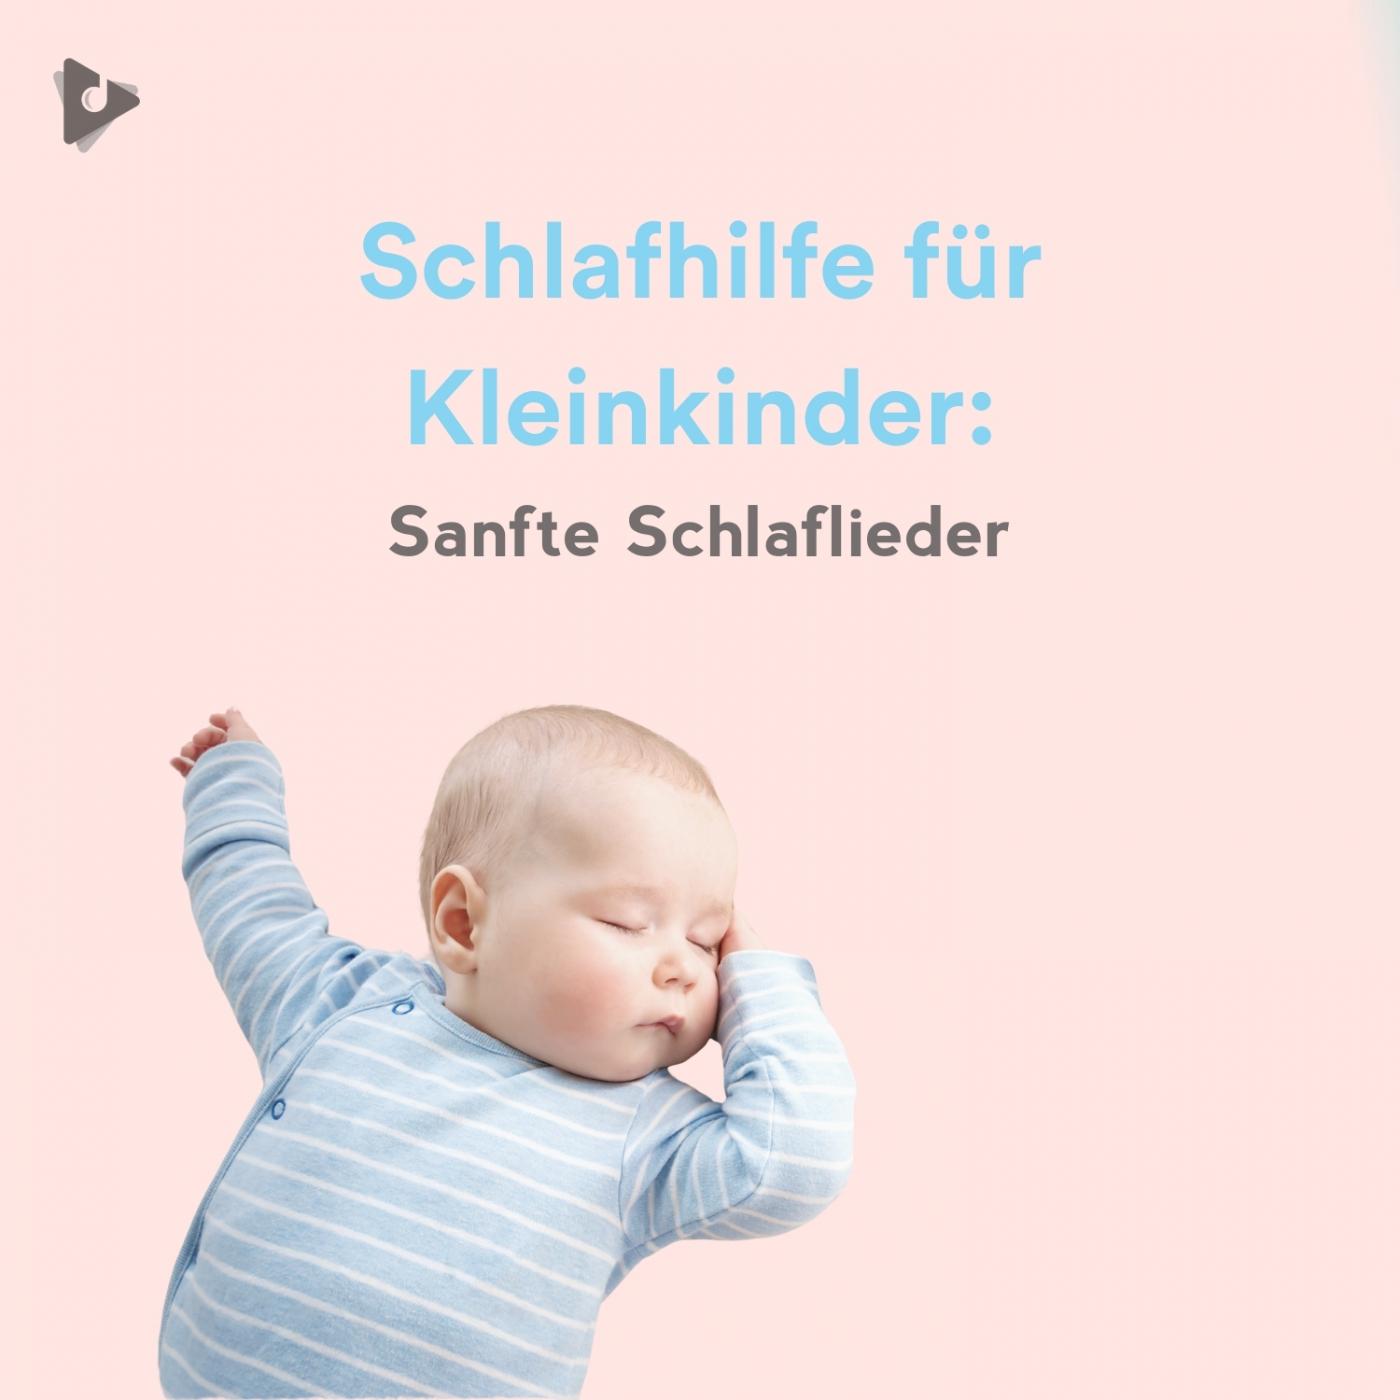 Schlafhilfe für Kleinkinder: Sanfte Schlaflieder